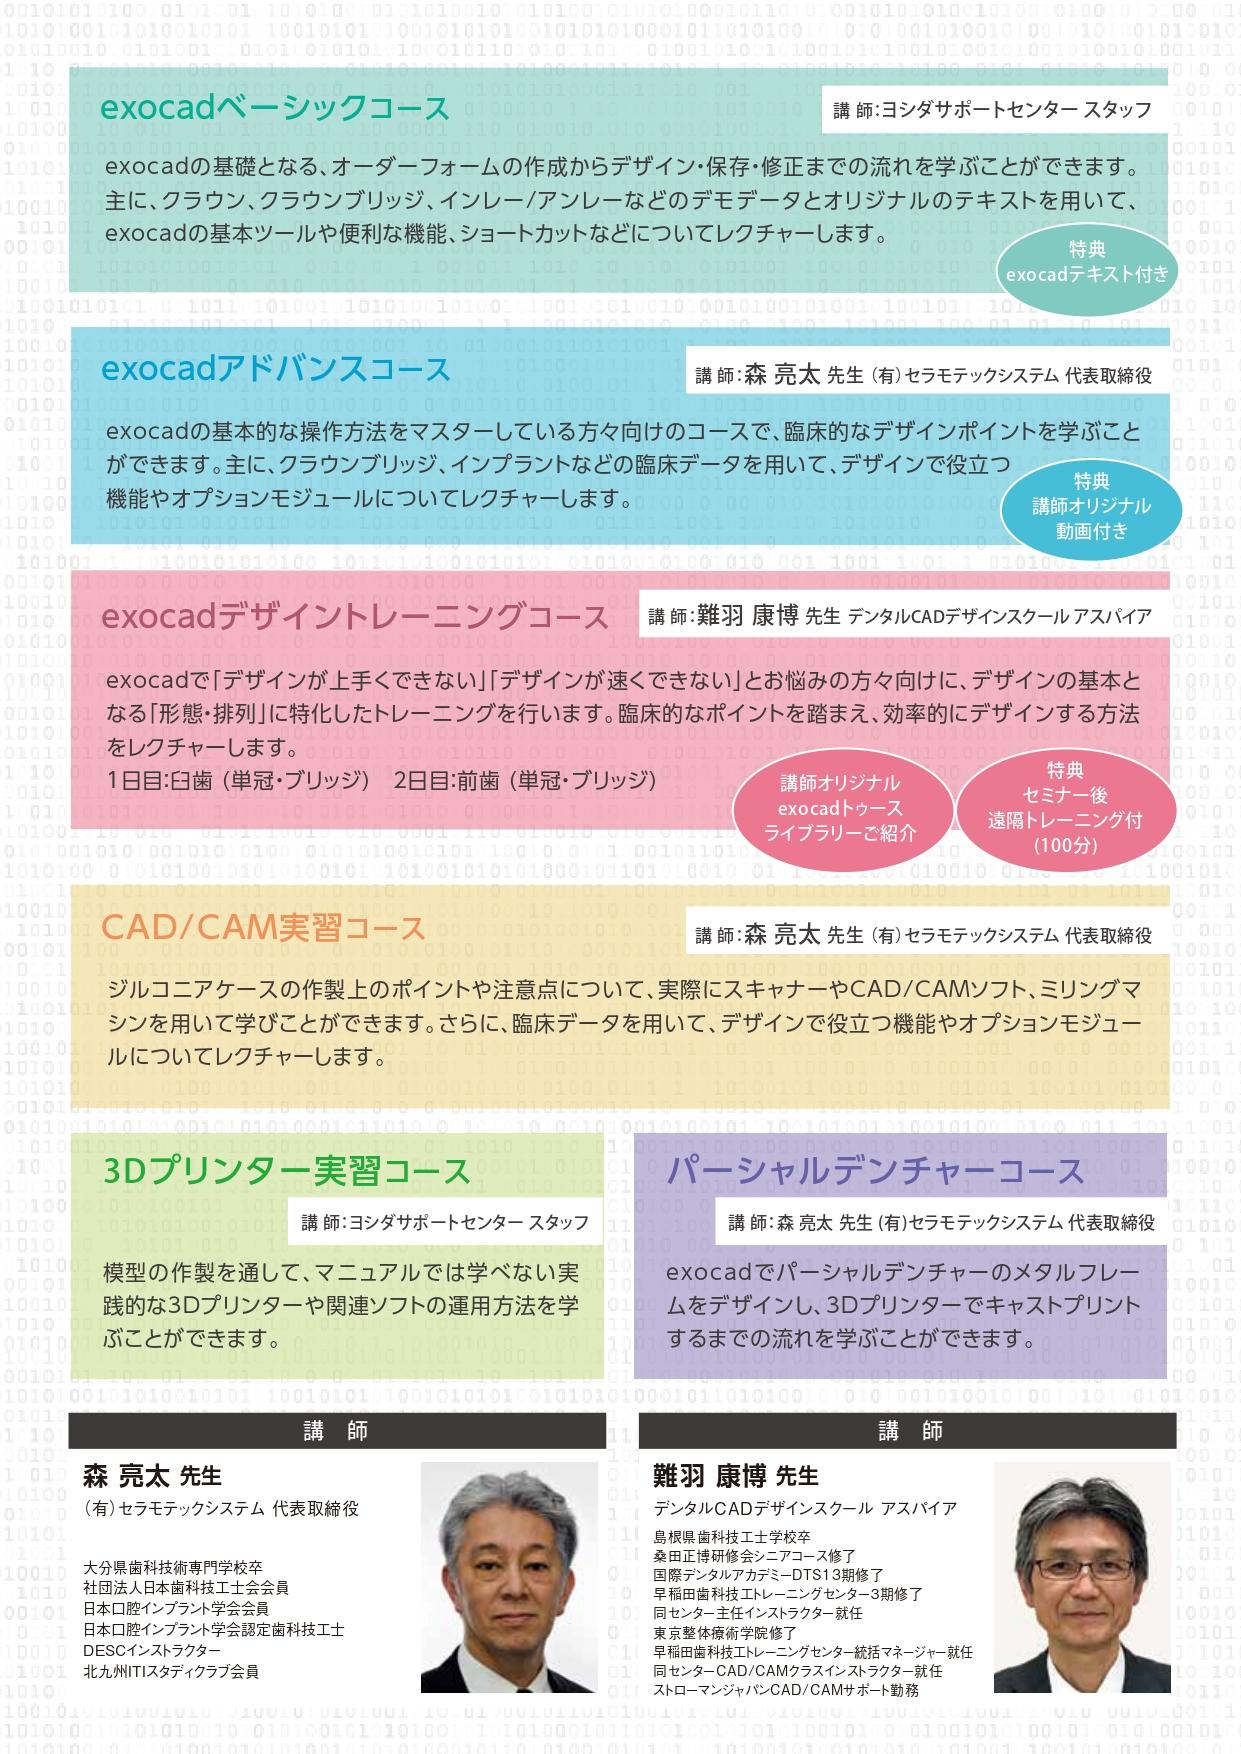 ヨシダCAD/CAM 実習セミナー exocad ベーシックコース